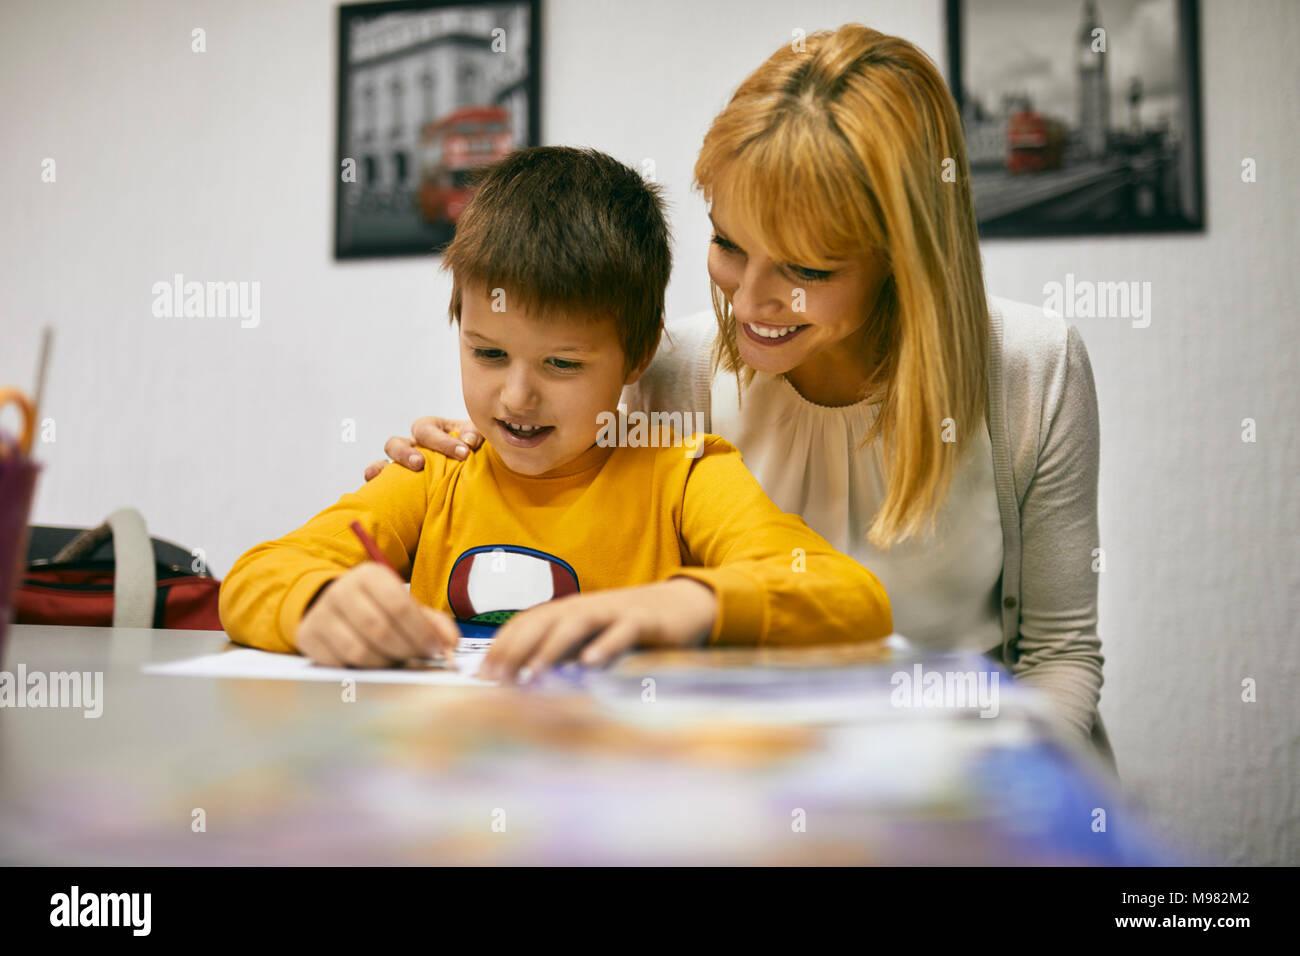 Docente aiutare lo studente a scrivania in classe Immagini Stock